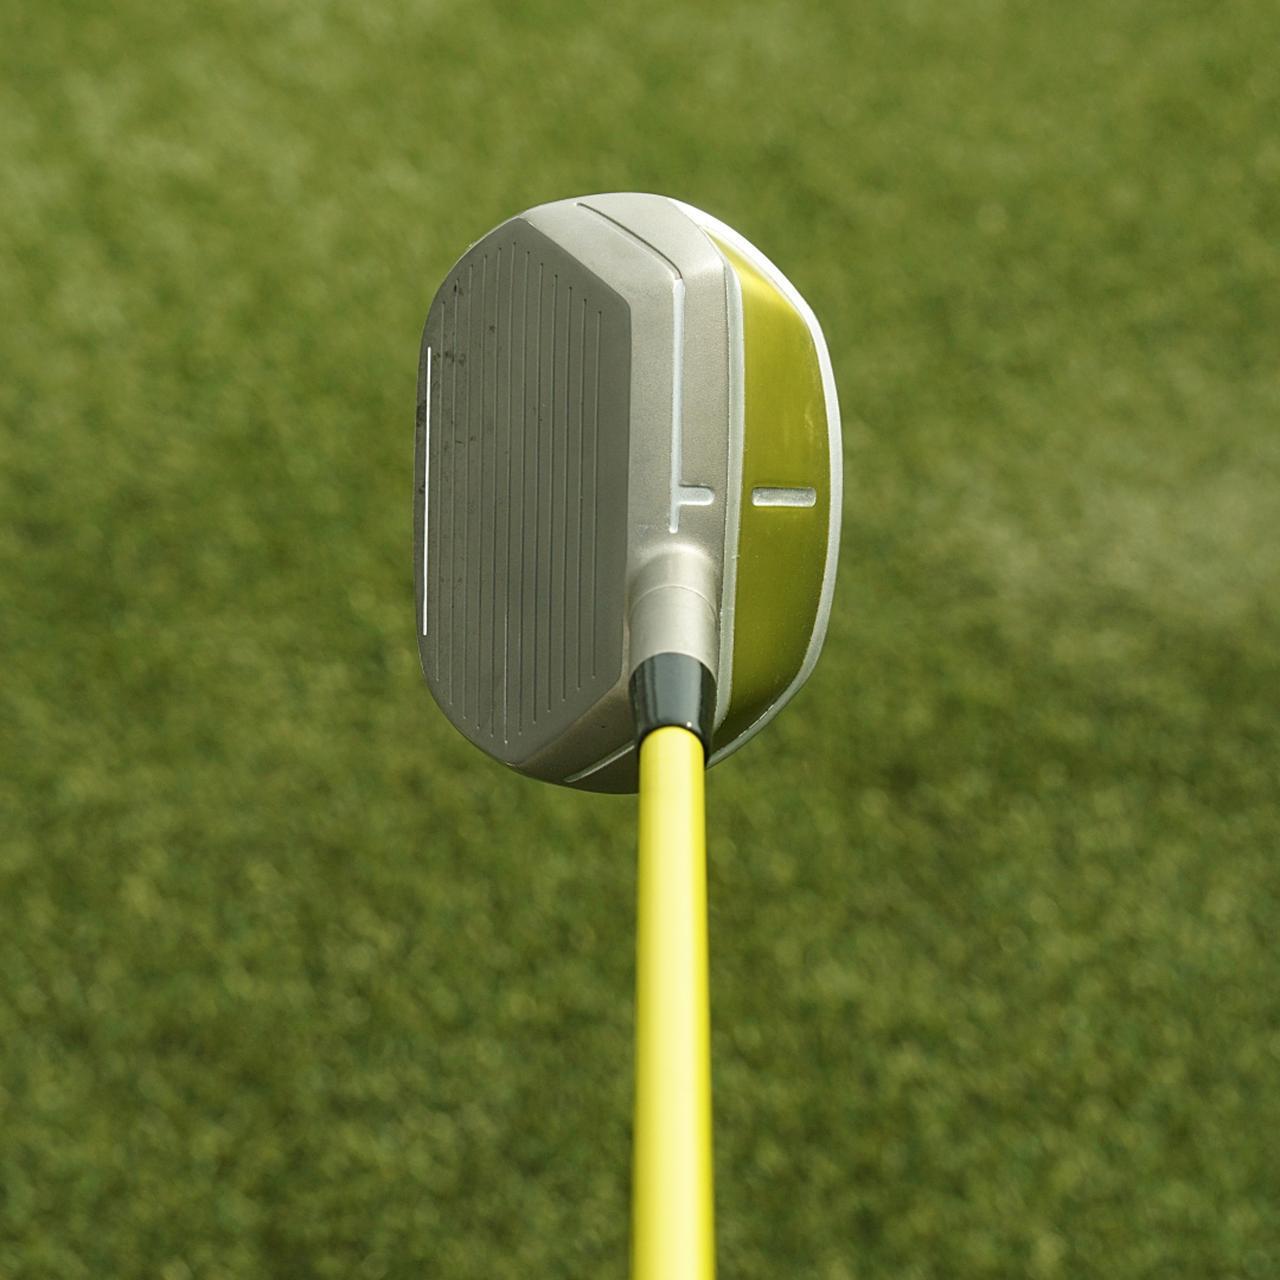 画像: ゴルフ人口拡大の秘密兵器!? 産学協同開発の「センターシャフトアイアン」は初心者ゴルファーの救世主となるか - みんなのゴルフダイジェスト